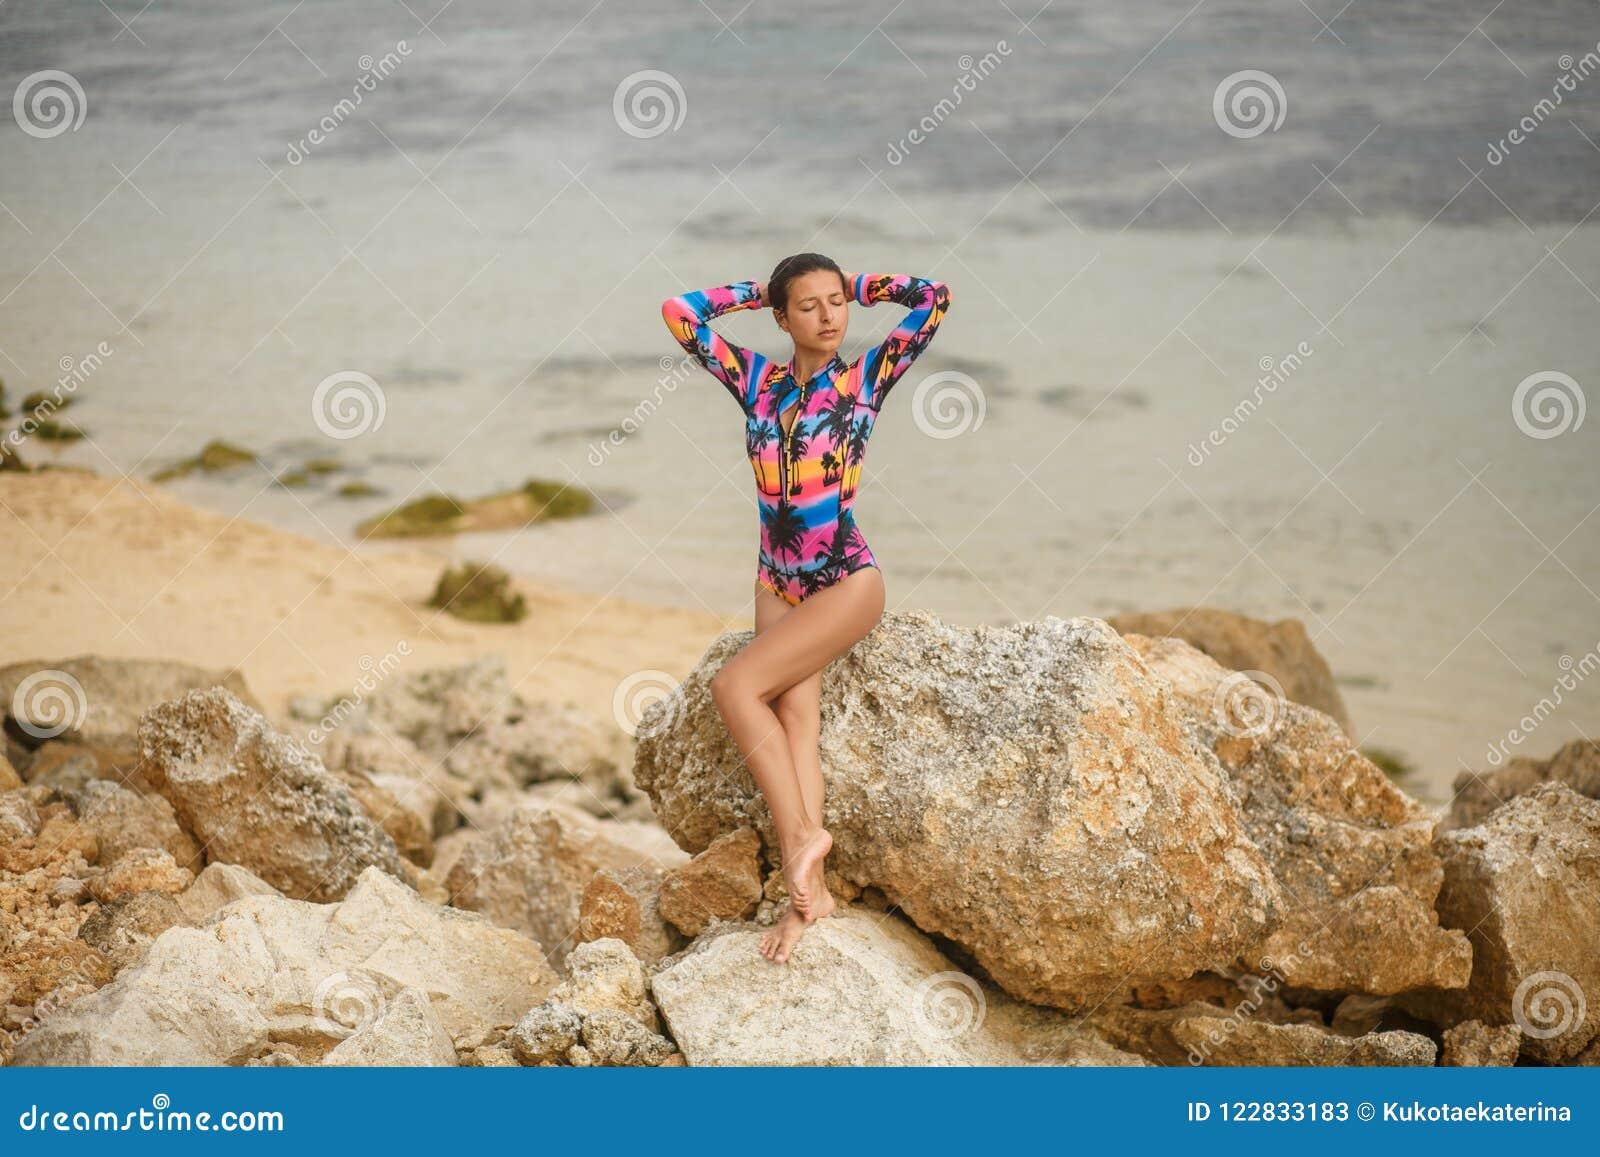 Προκλητικό κορίτσι που θέτει τη συνεδρίαση στους βράχους στην παραλία